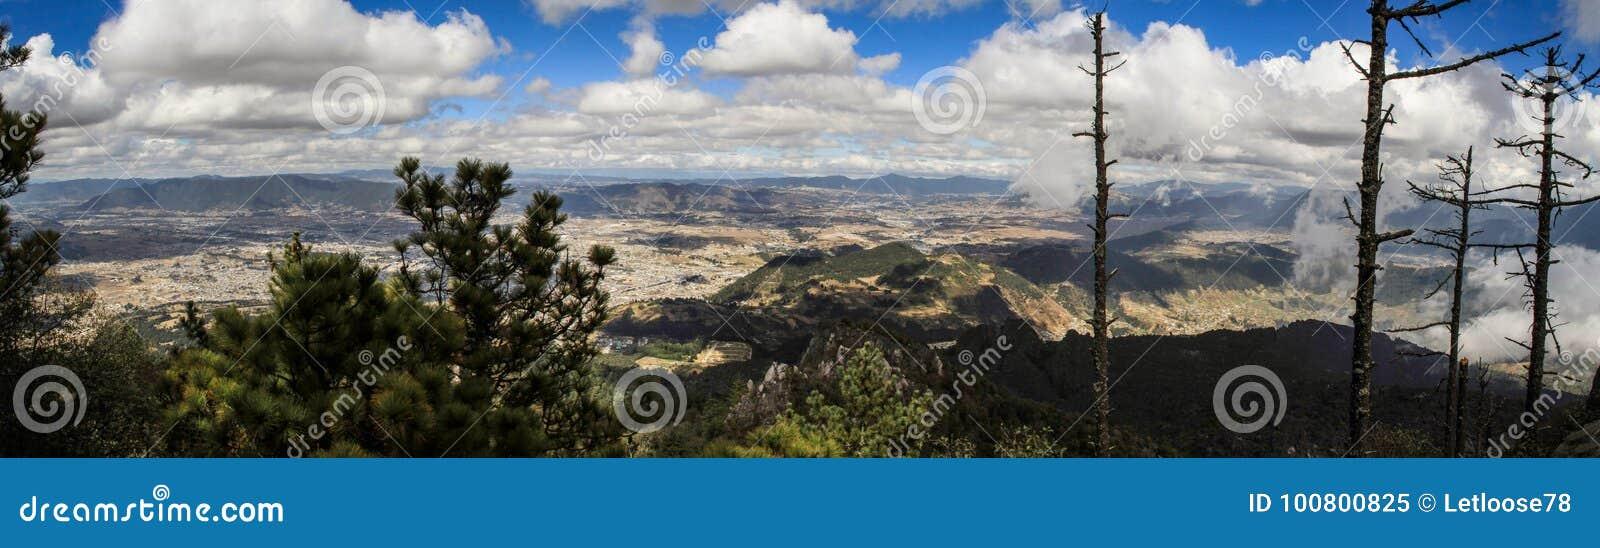 Πανοραμική άποψη σχετικά με Quetzaltenango και τα βουνά γύρω από, από τη Cerro Quemado κορυφή, Quetzaltenango, Altiplano, Γουατεμ